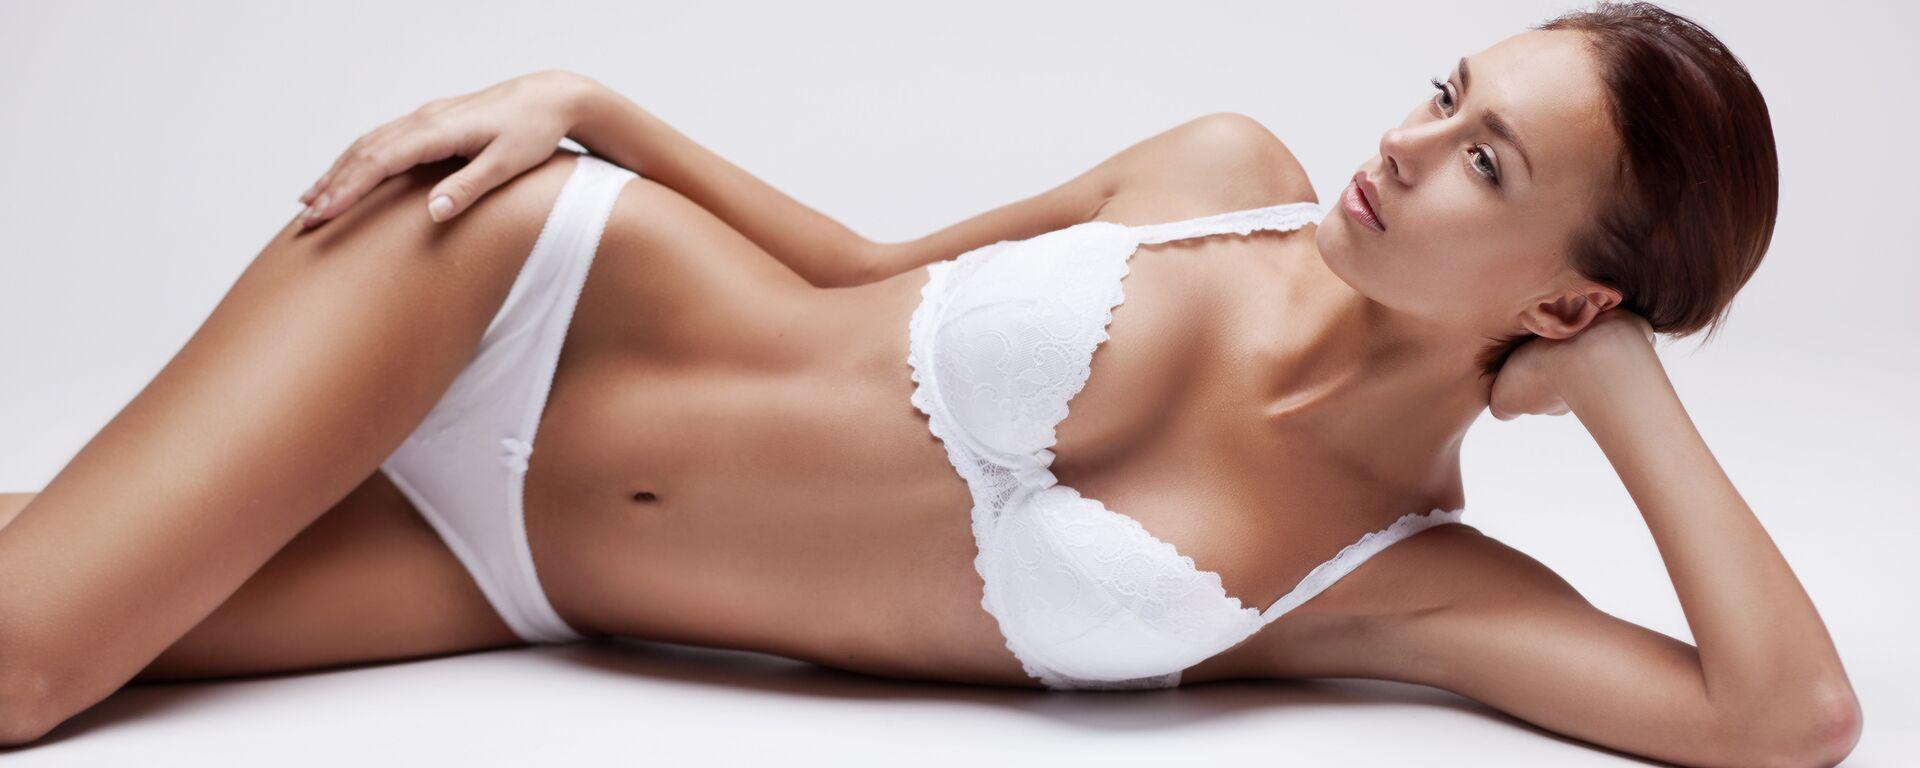 Бюстье ▷ женское нижнее белье кружевное, трусики Киев ▷ Интернет магазин  Бюстье